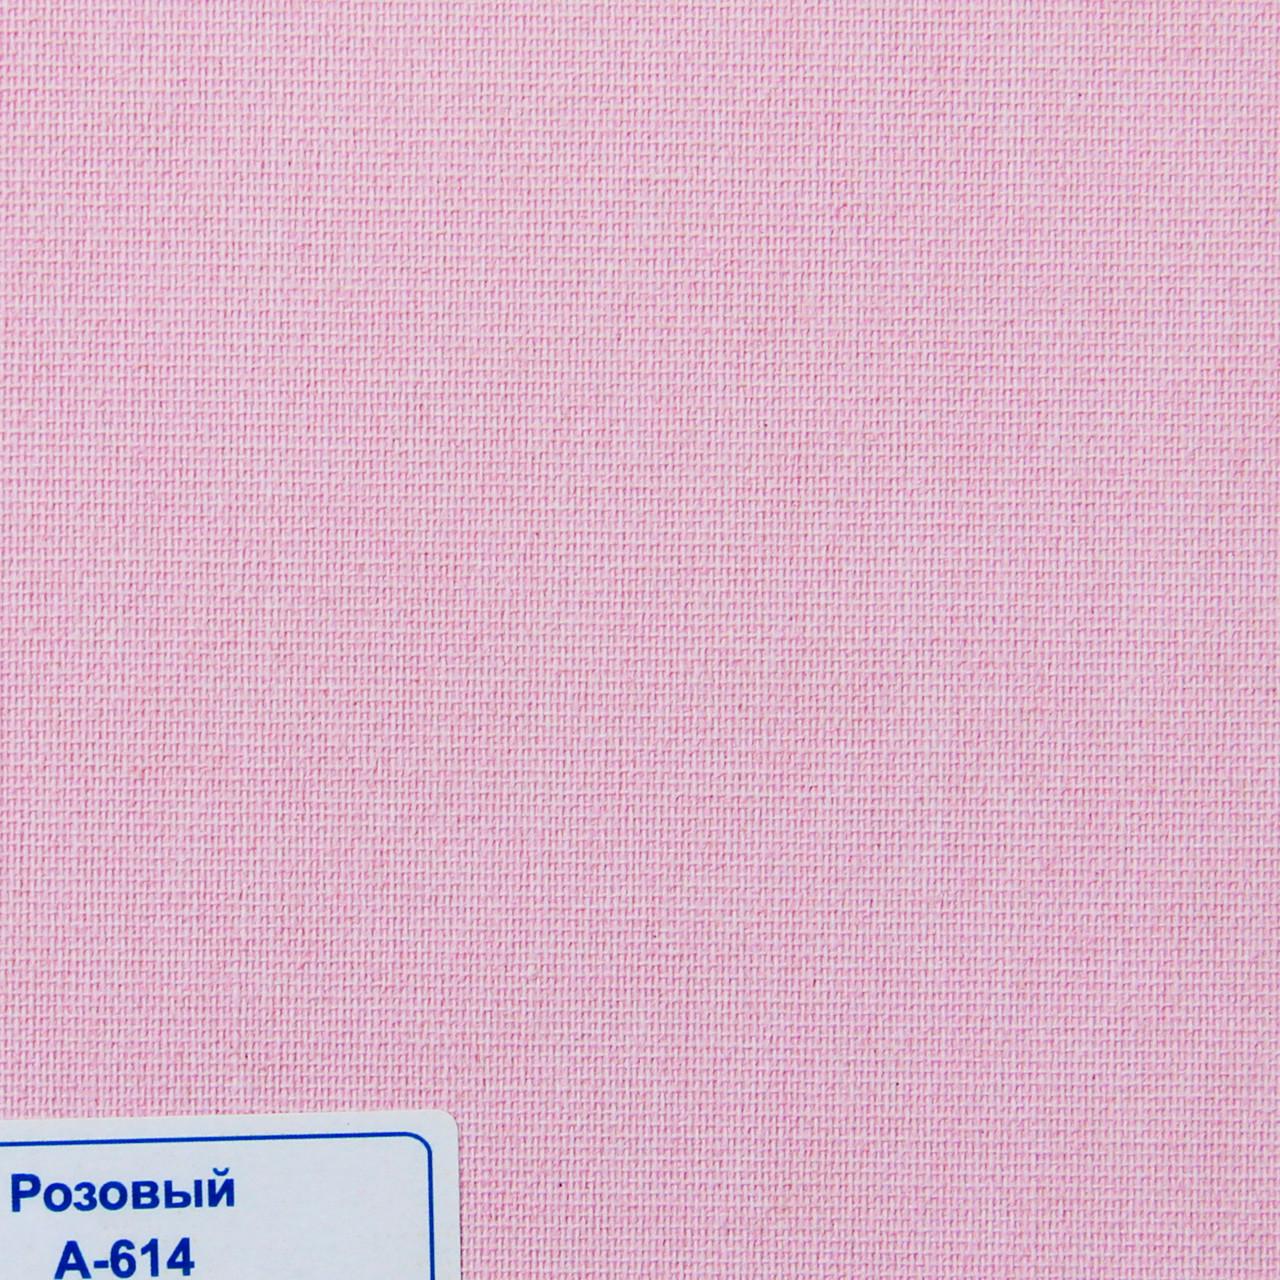 Рулонные шторы Ткань Однотонная А-614 Розовый